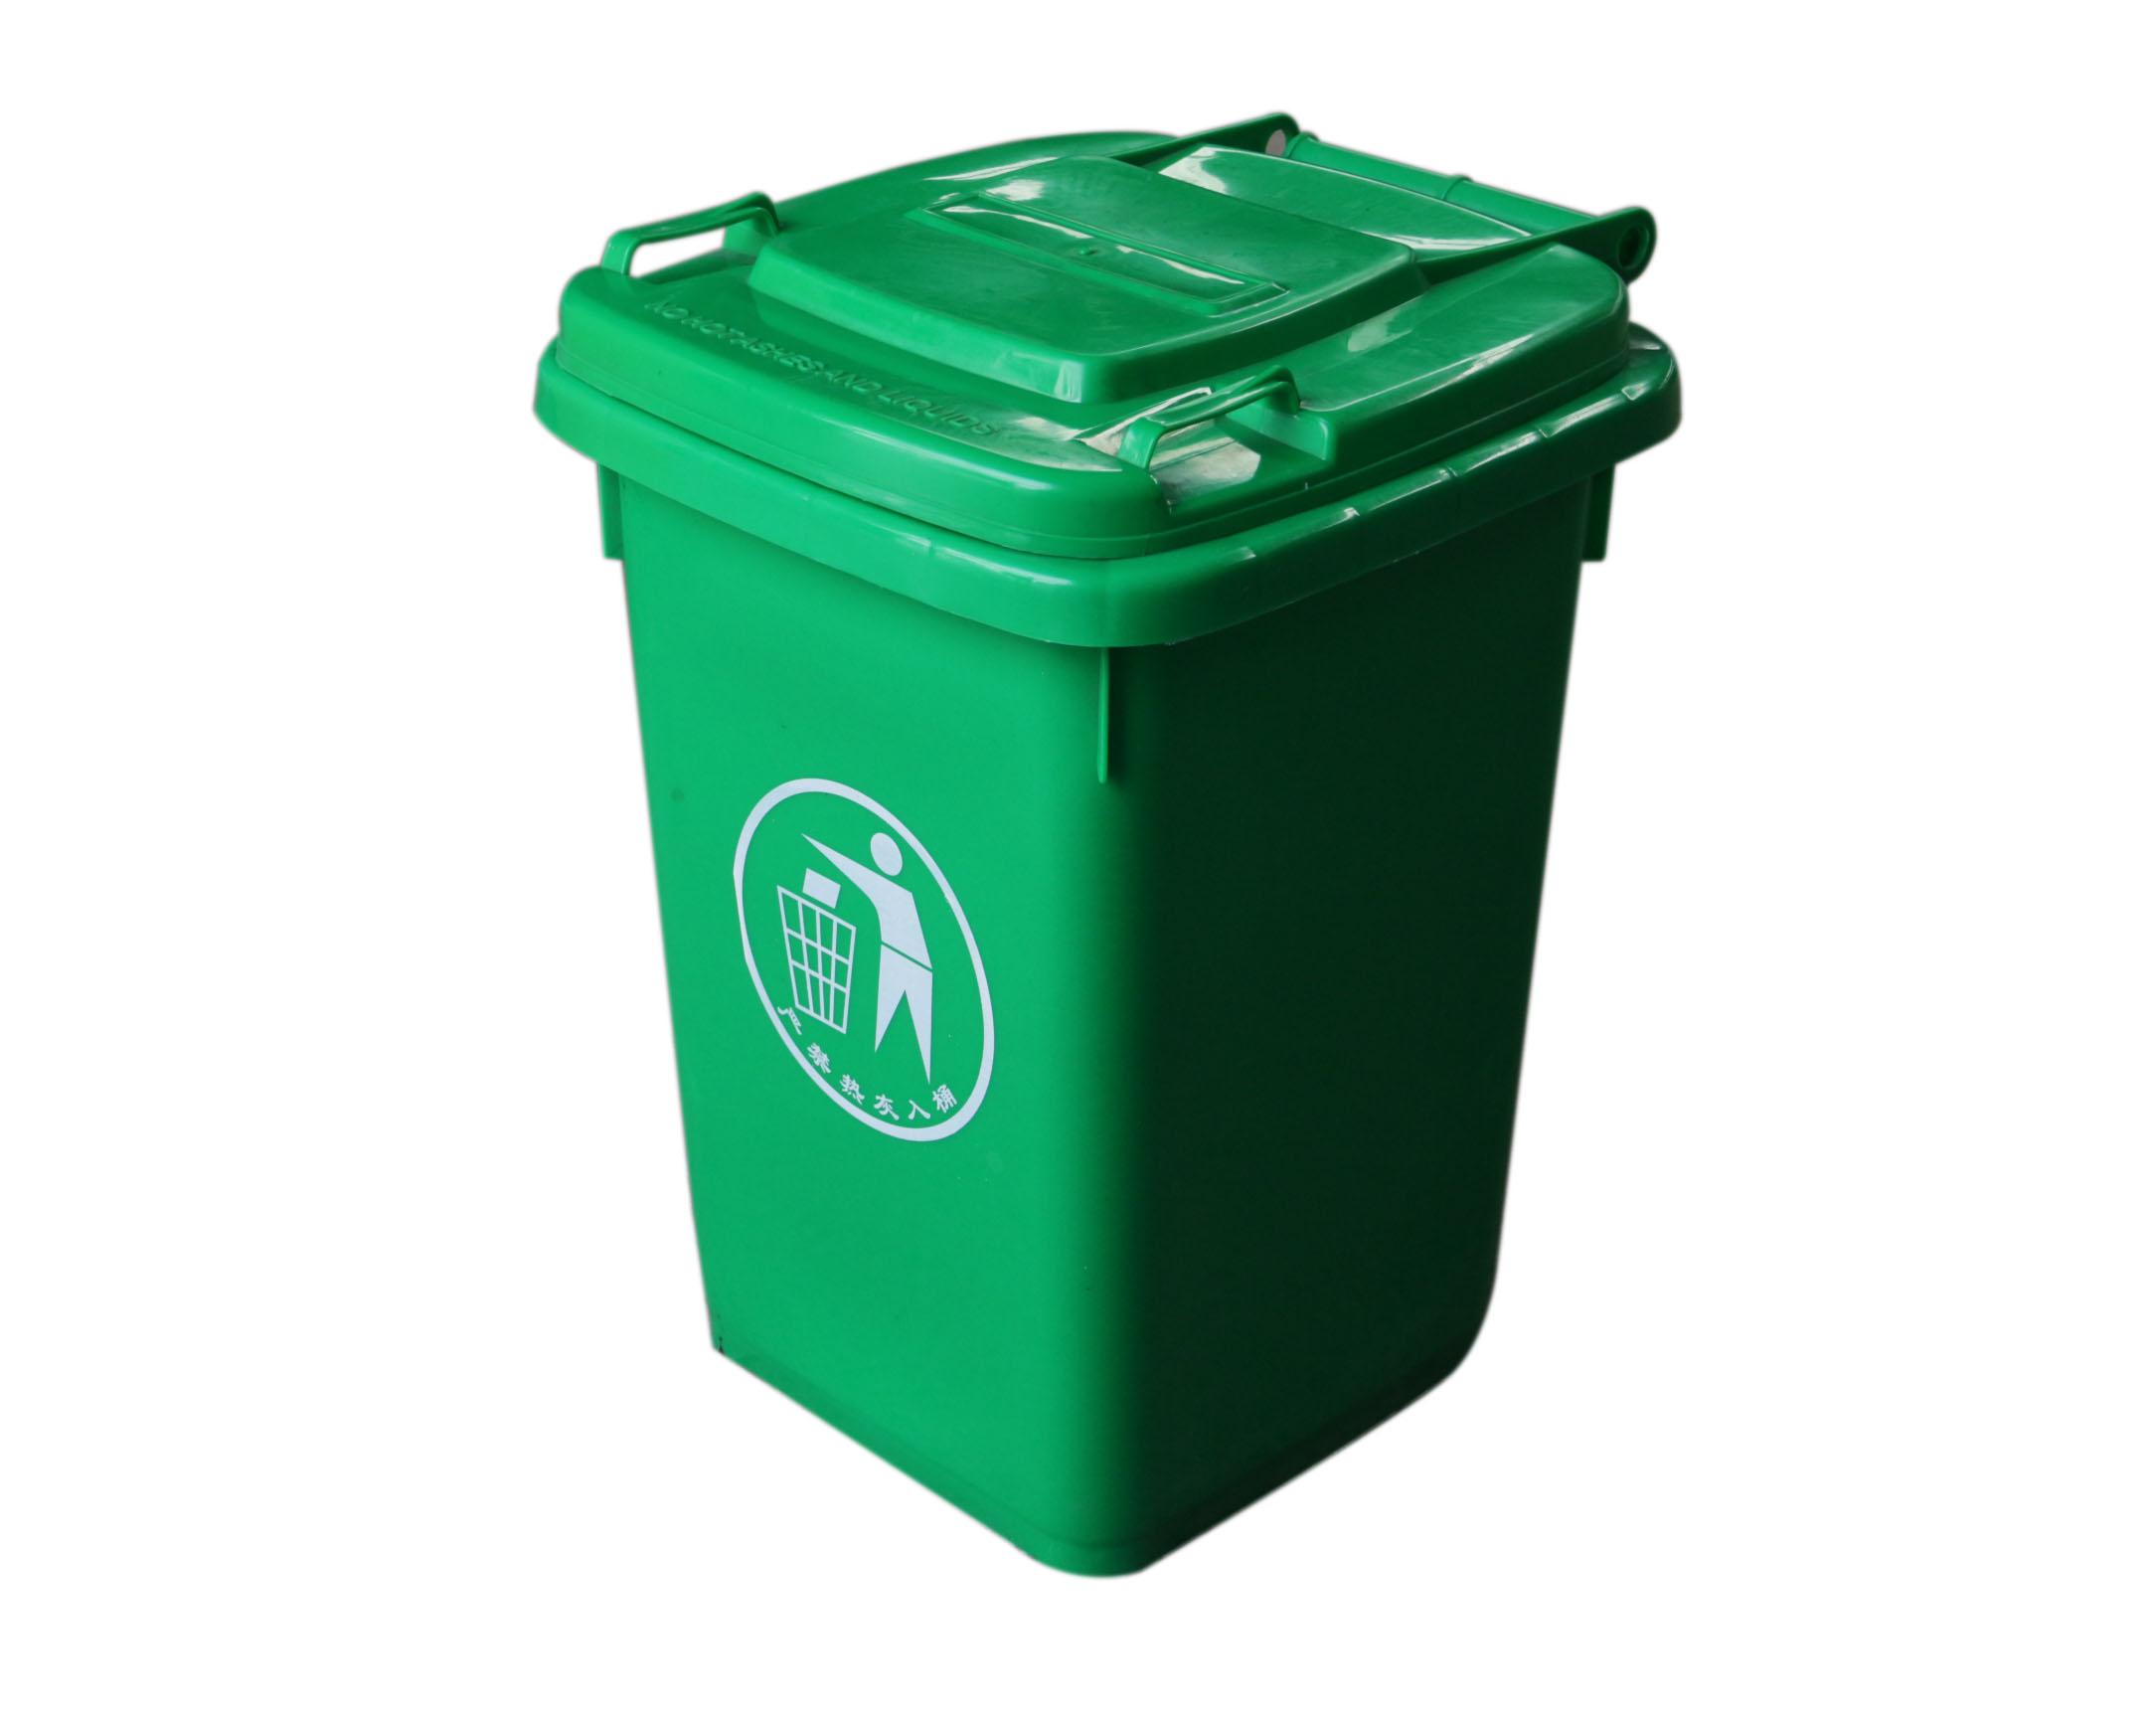 重庆塑料垃圾桶厂家,庆环卫垃圾桶厂家